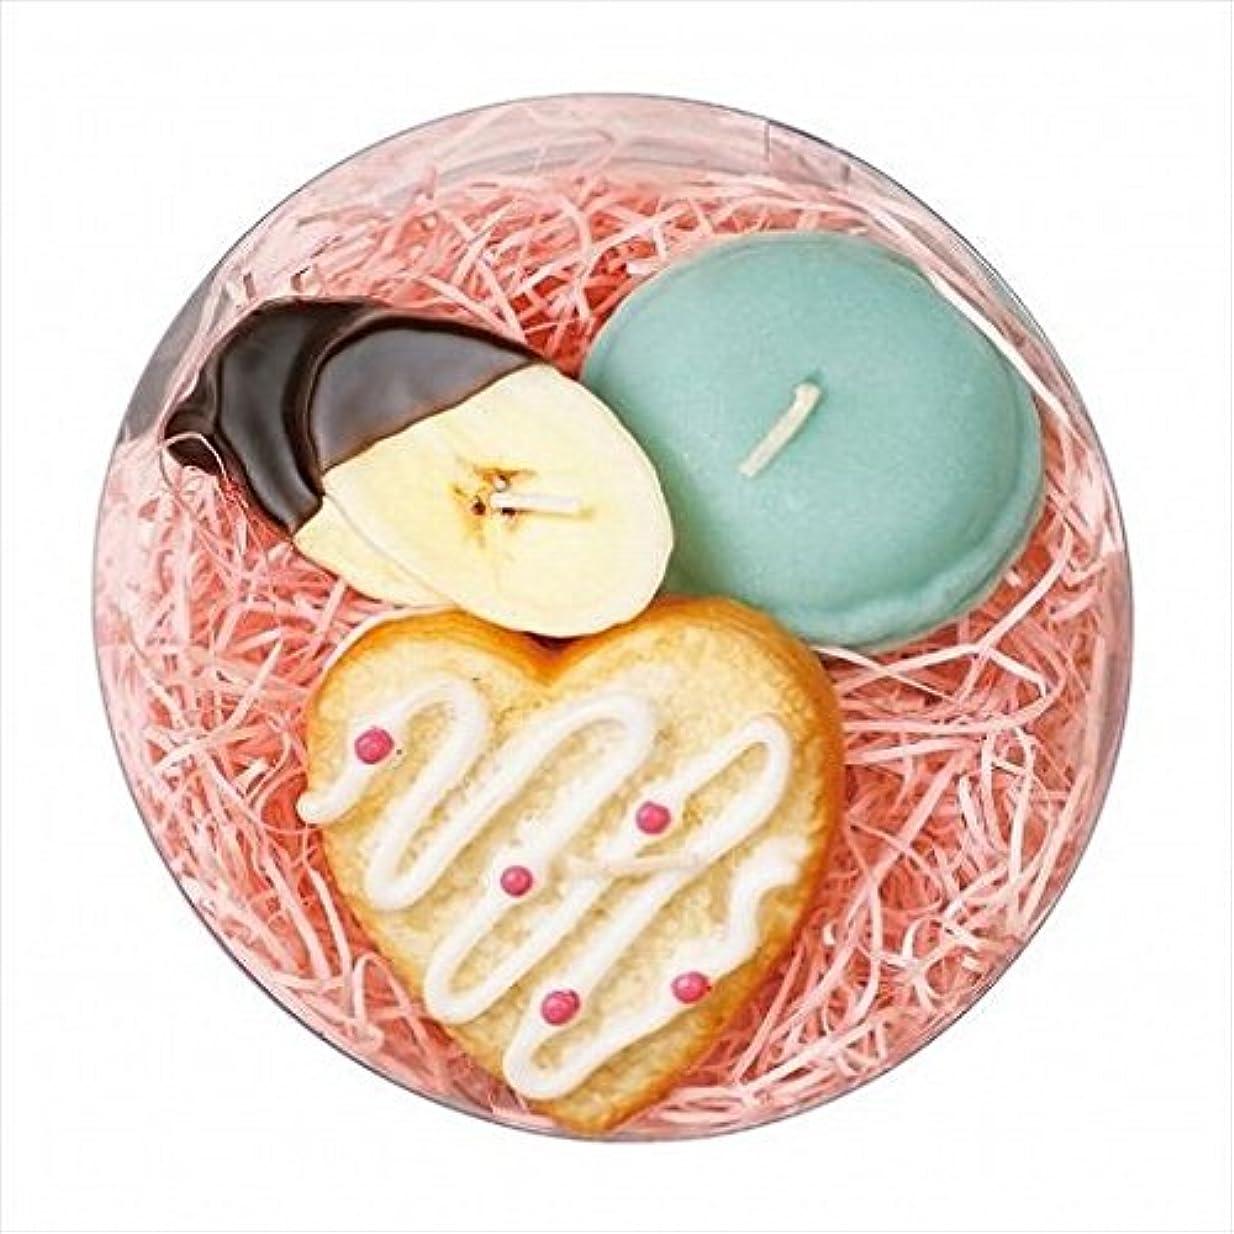 練習した審判欲望sweets candle(スイーツキャンドル) プチスイーツキャンドルセット 「 シュガーハート 」 キャンドル 100x100x55mm (A6366050)